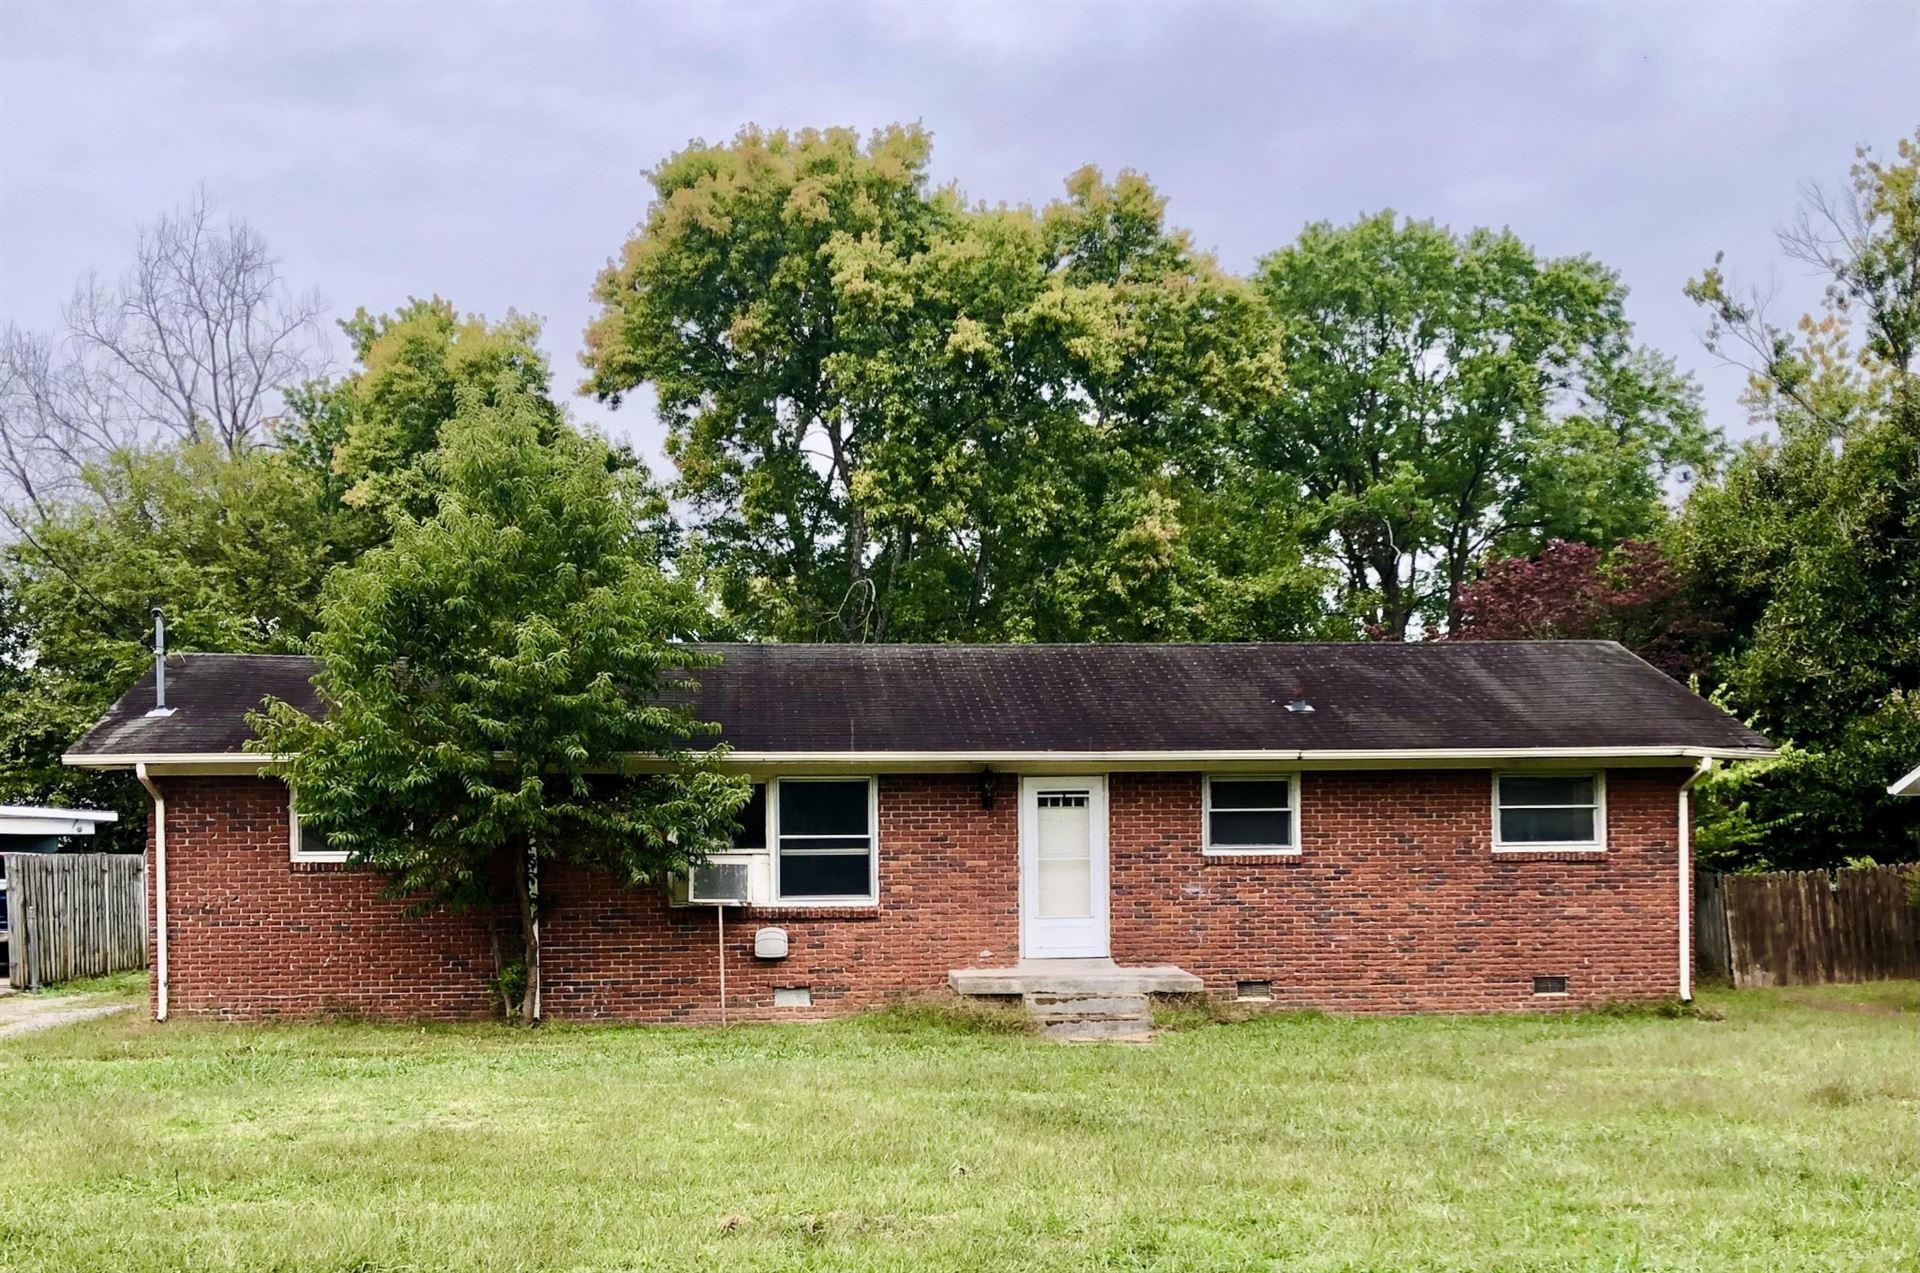 1719 Hamilton Dr, Murfreesboro, TN 37129 - MLS#: 2197513